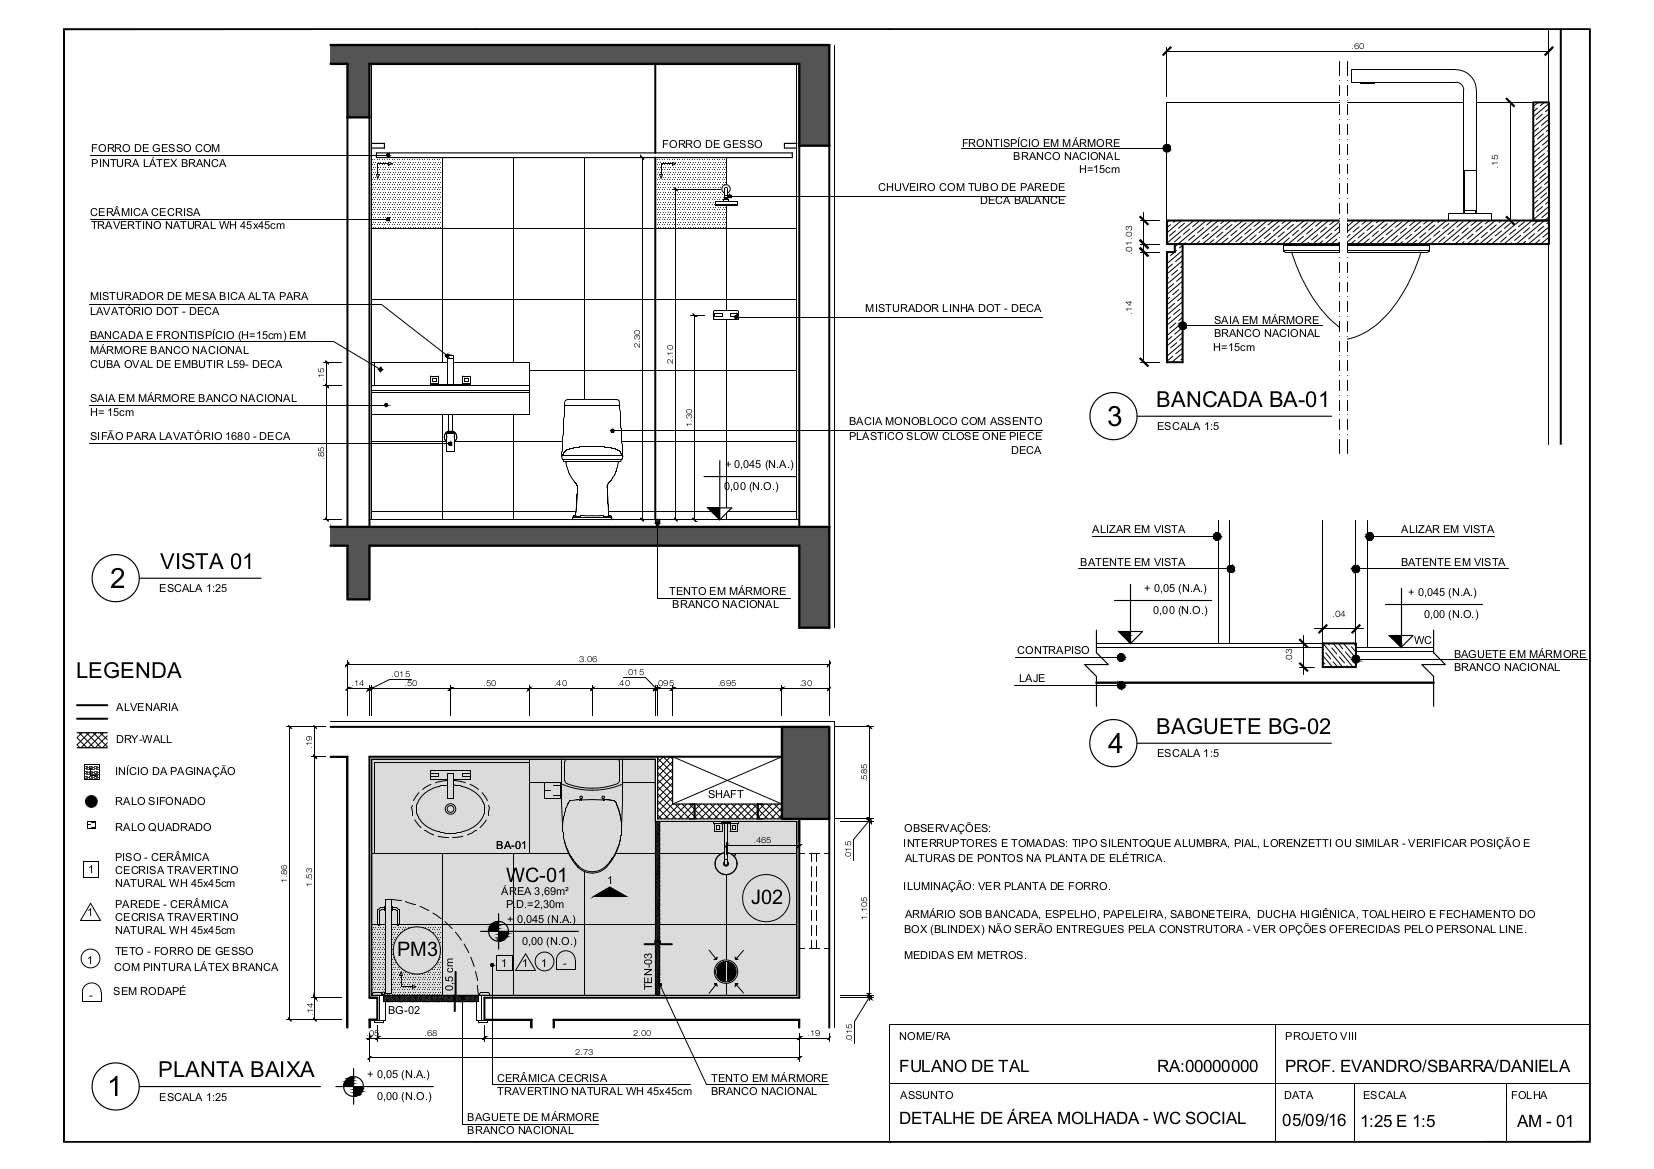 Representação gráfica - Exemplo de Detalhamento de Banheiro na Escala 1:25